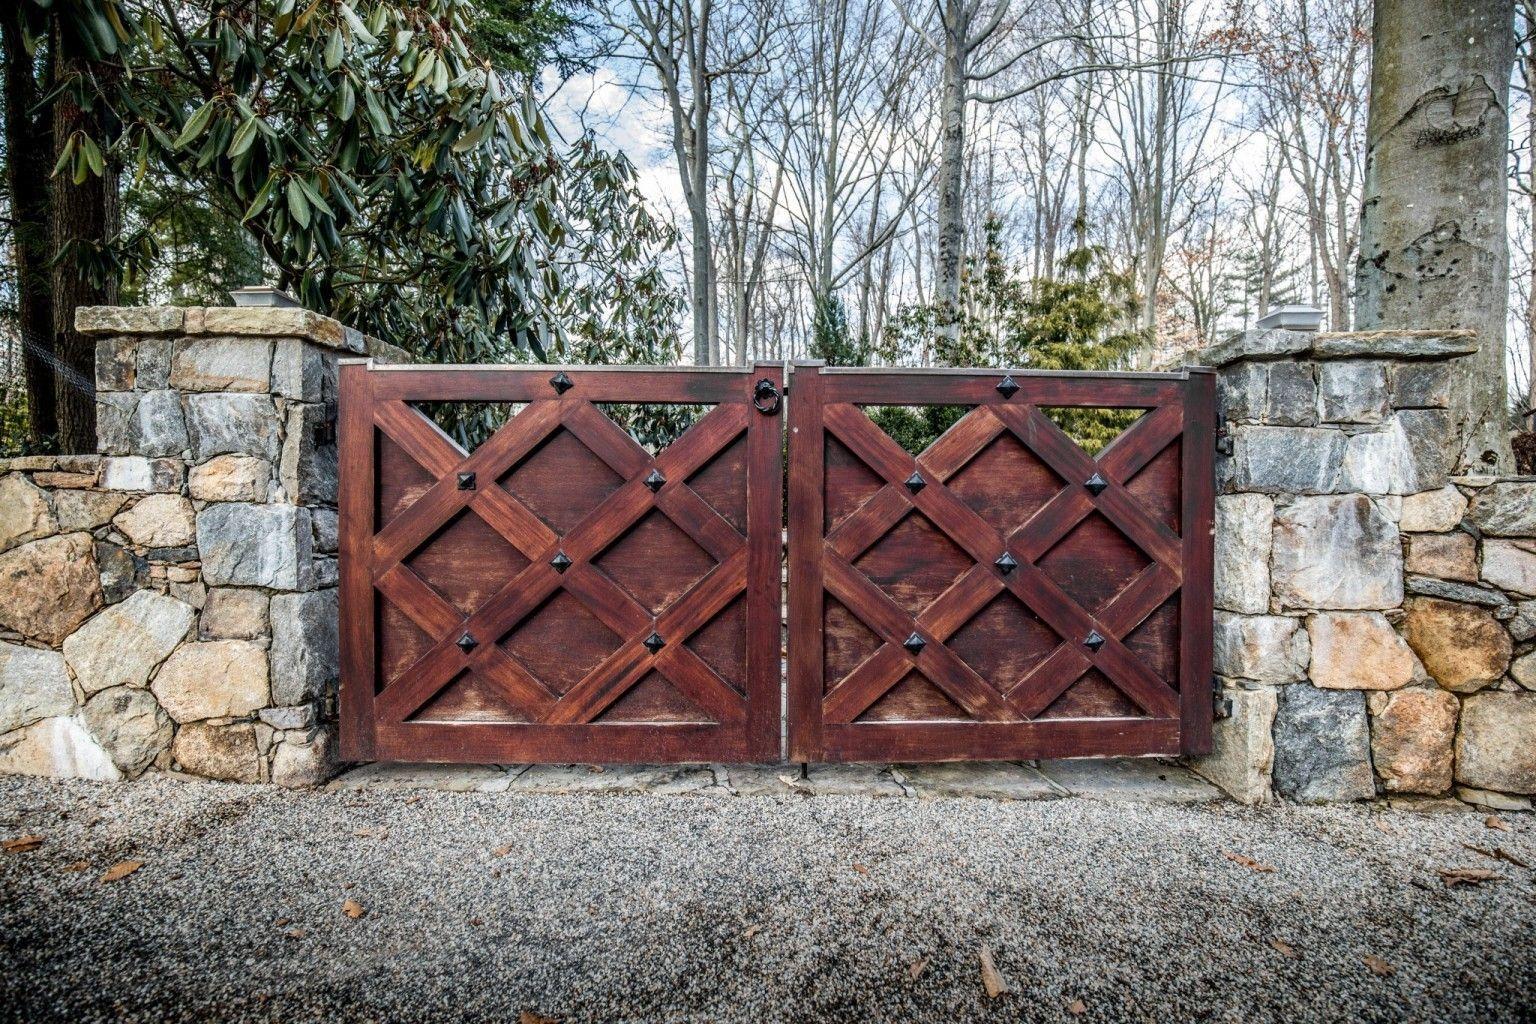 ангелом-хранителем эскизы деревянных ворот фото хризантемы более